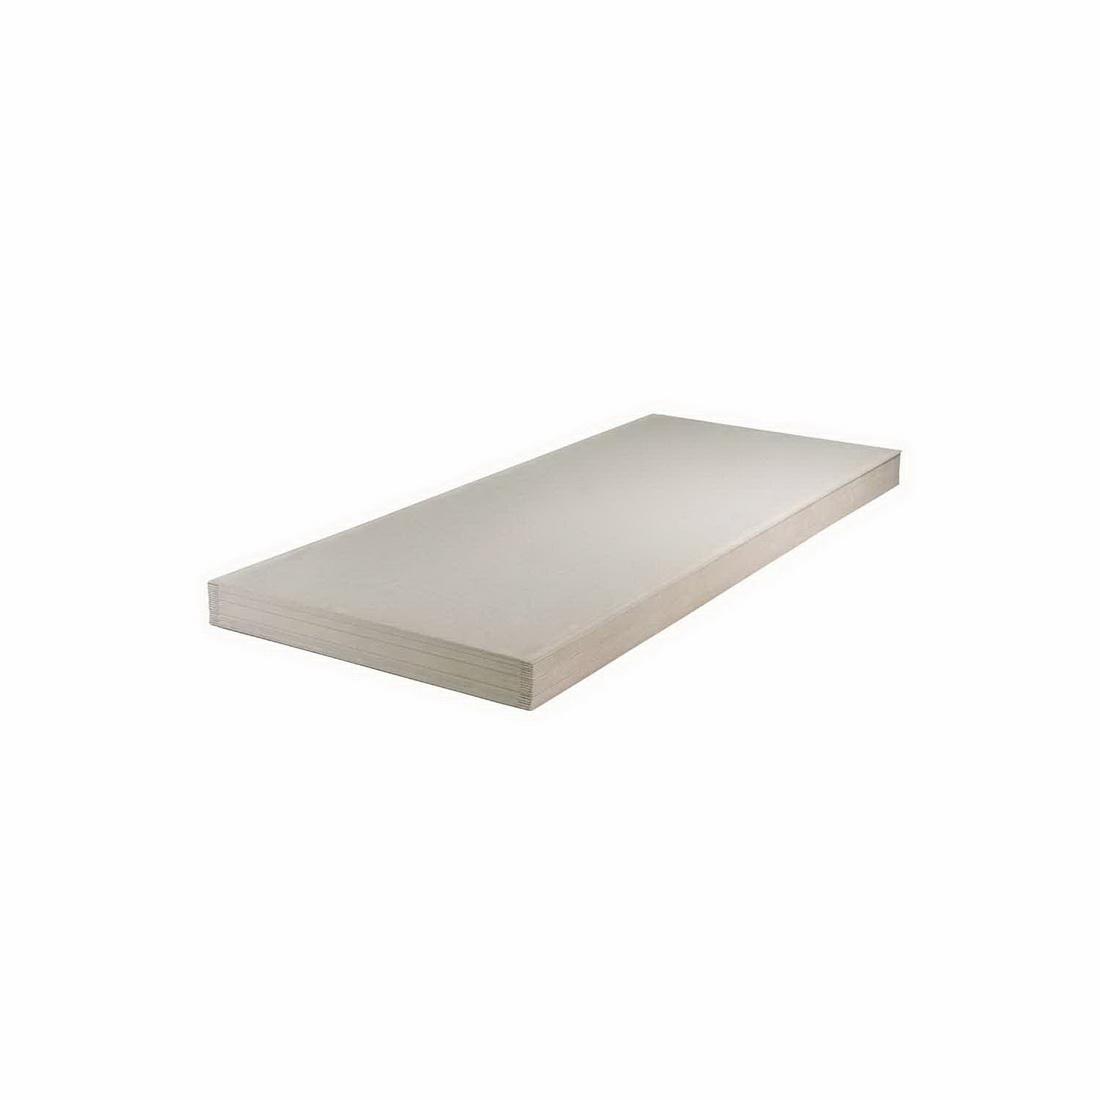 Monotek Fibre Cement Sheet 3000 x 1200 x 9mm Recessed 2 Sides